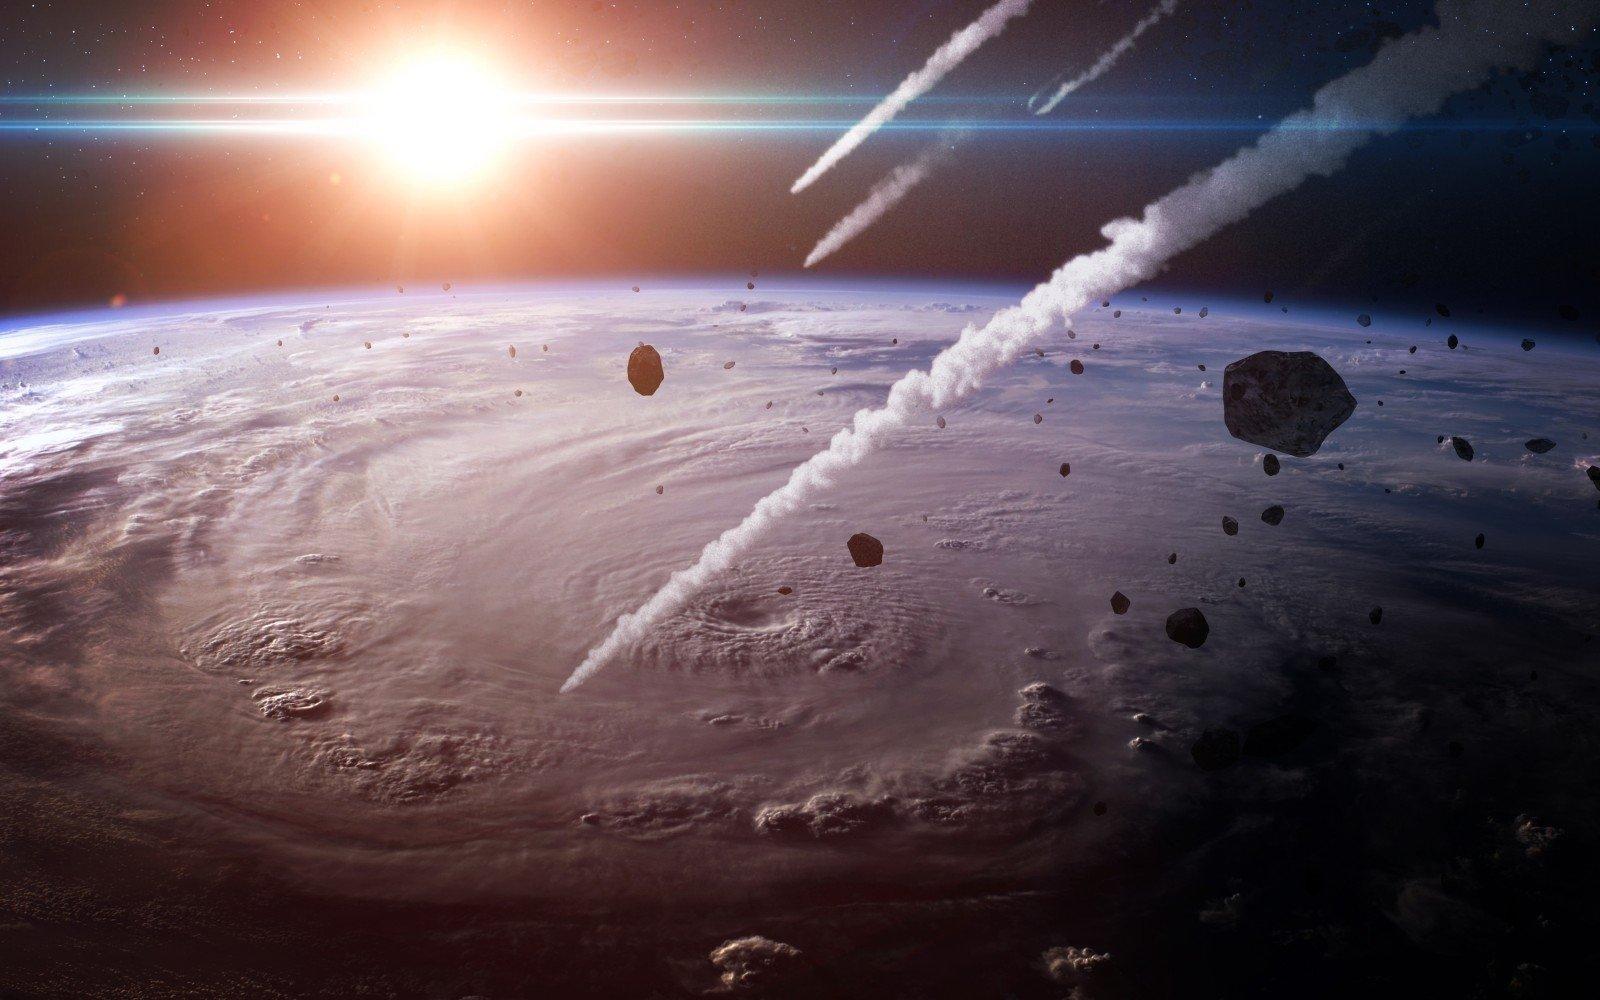 Сотрудника NASA сообщили об астероидах, которые пройдут на минимальном расстоянии от планеты в ближайшие несколько суток